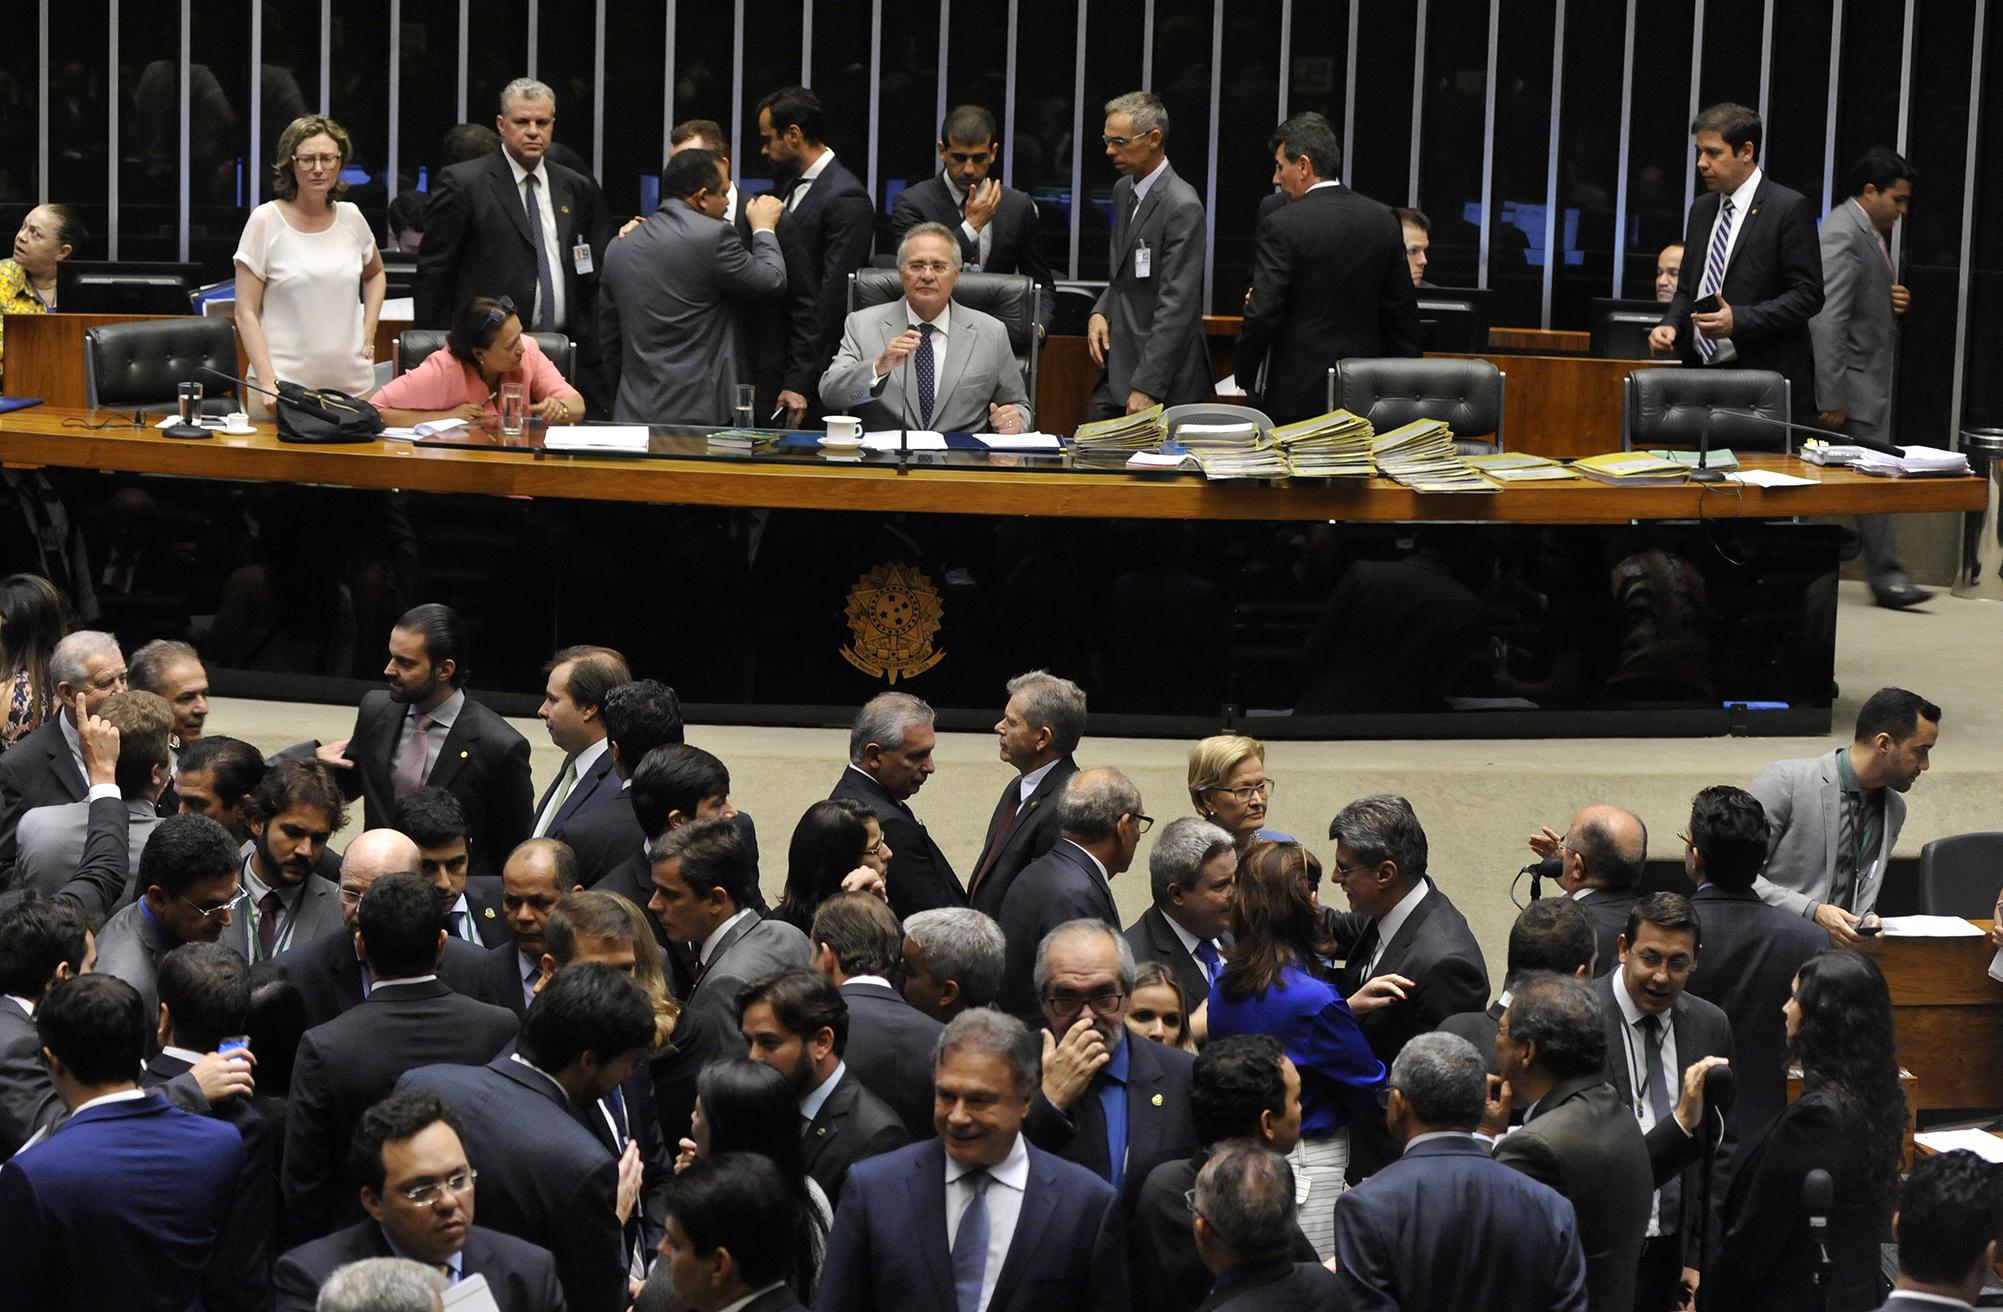 Sessão do Congresso Nacional para análise e votação de vetos presidenciais